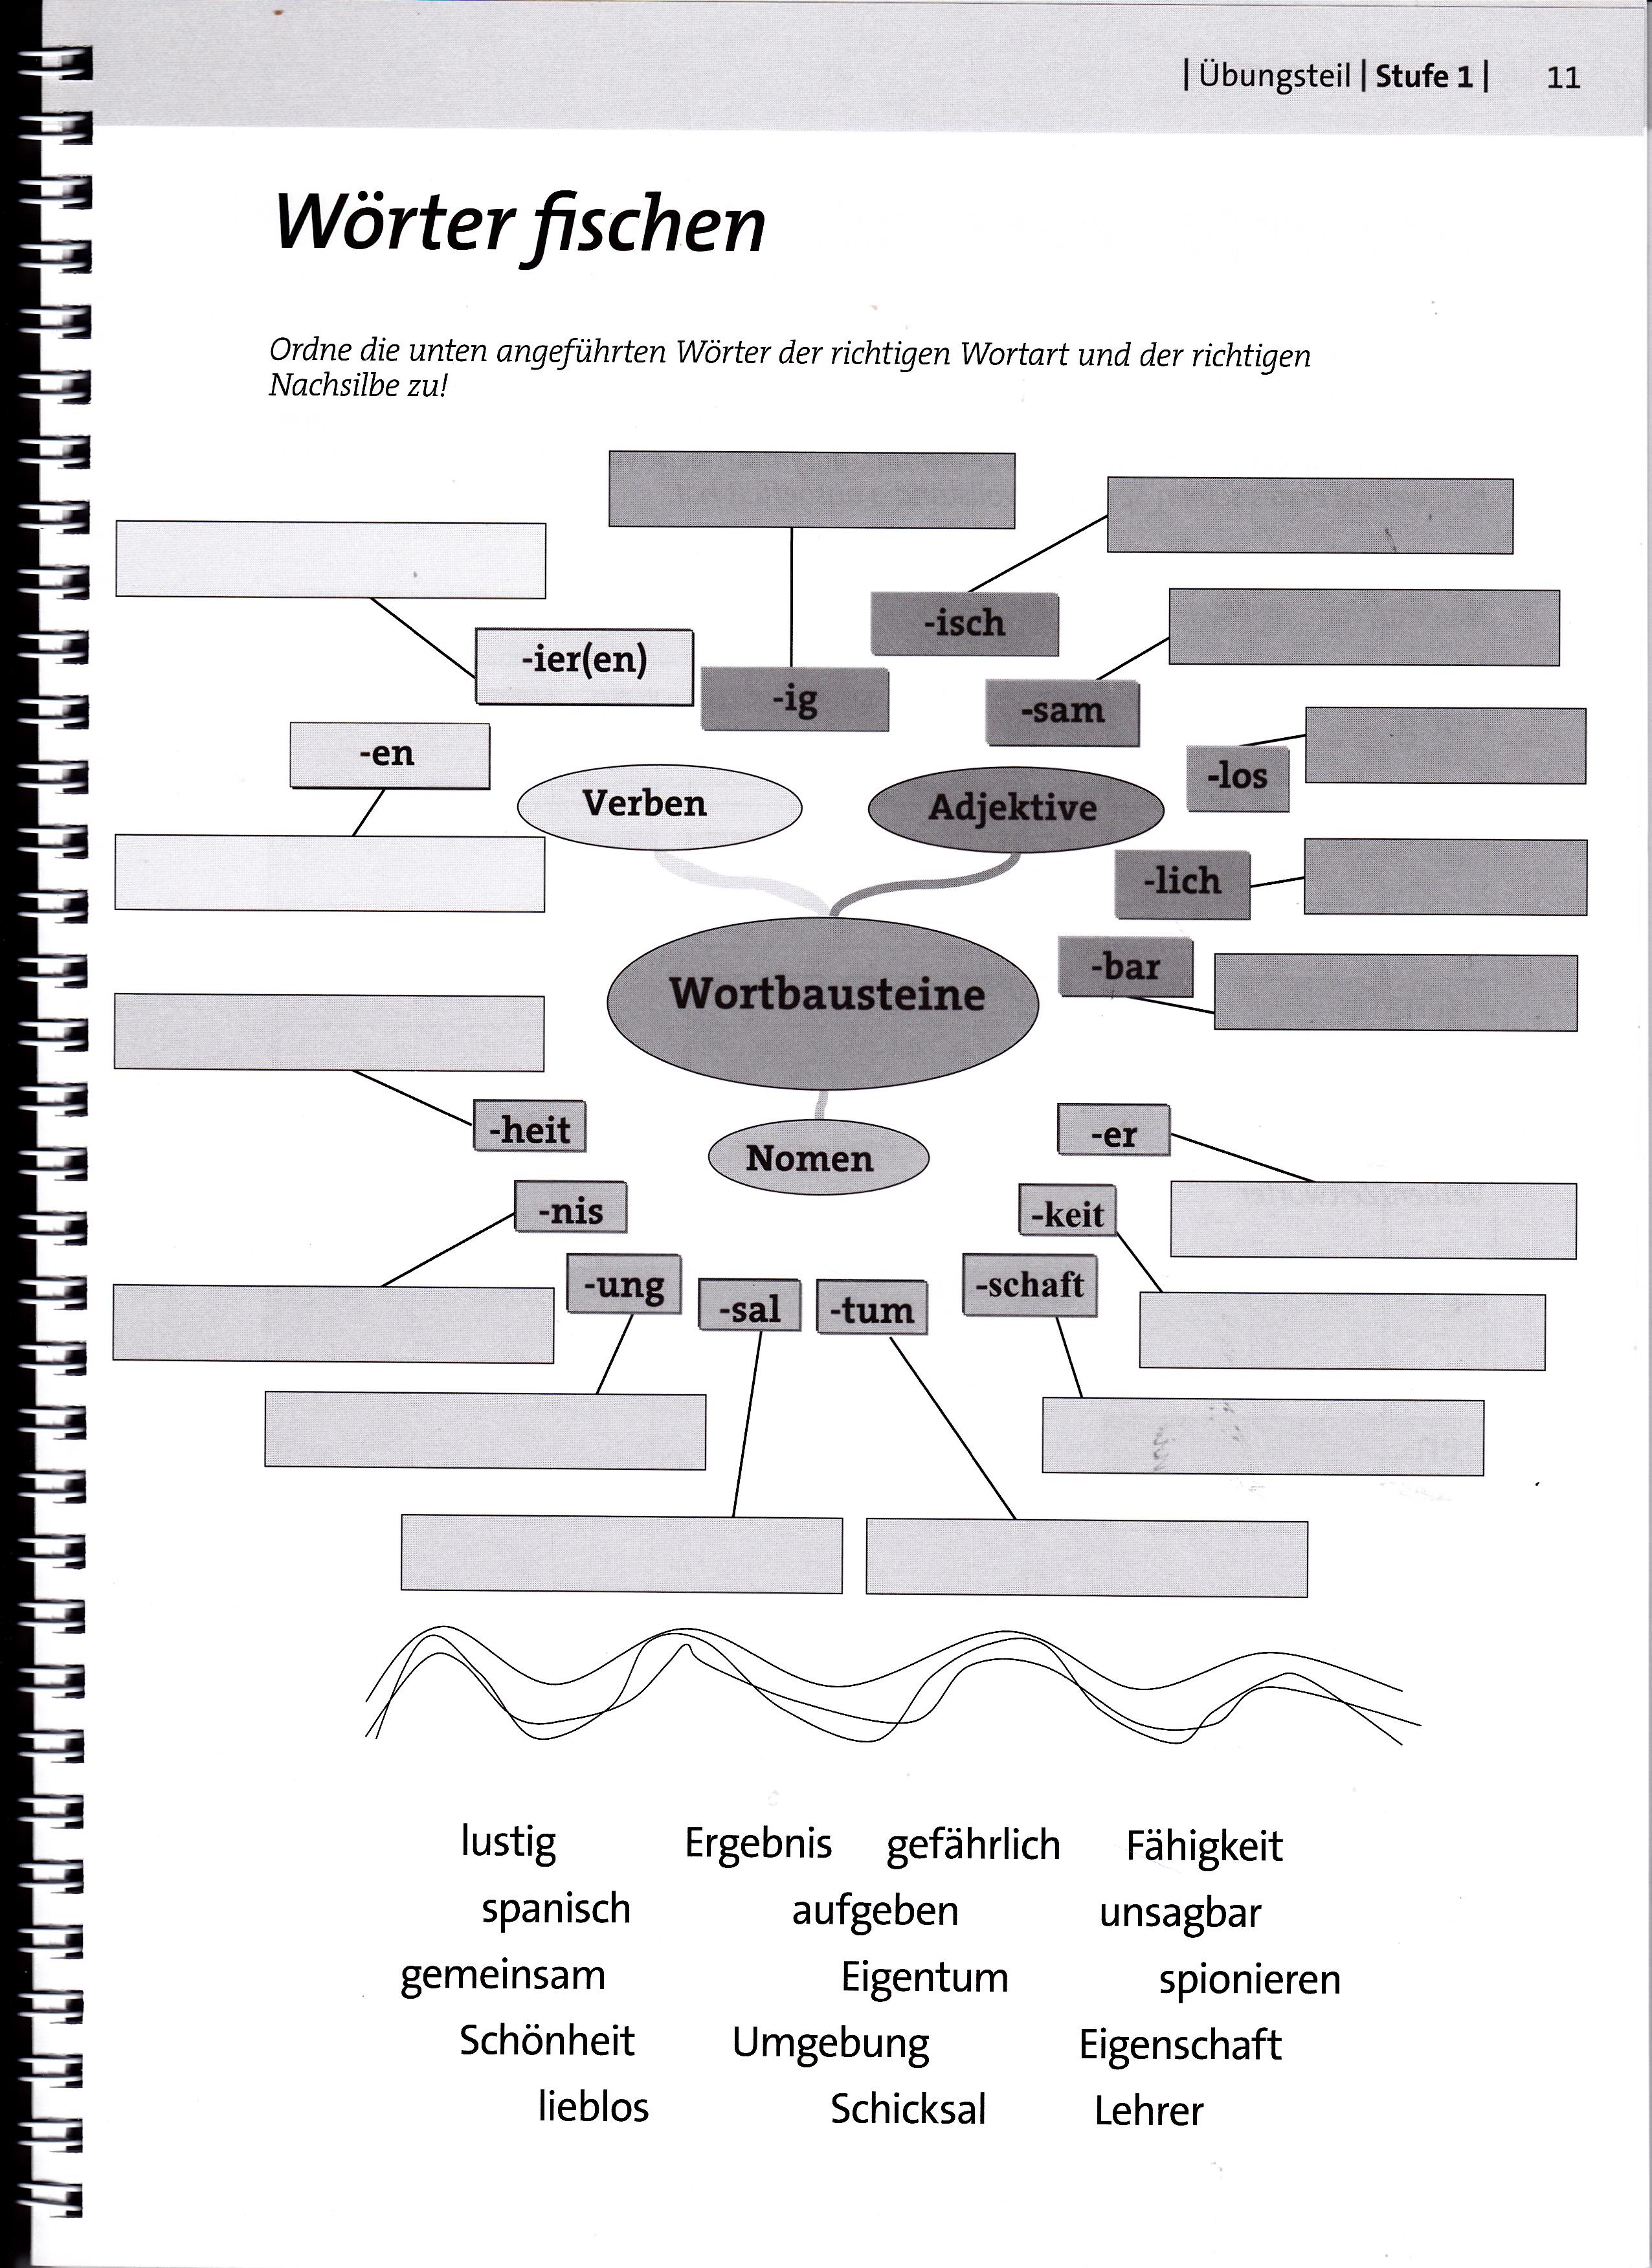 Awesome Math Familie Fakten Arbeitsblatt Image - Mathe Arbeitsblatt ...